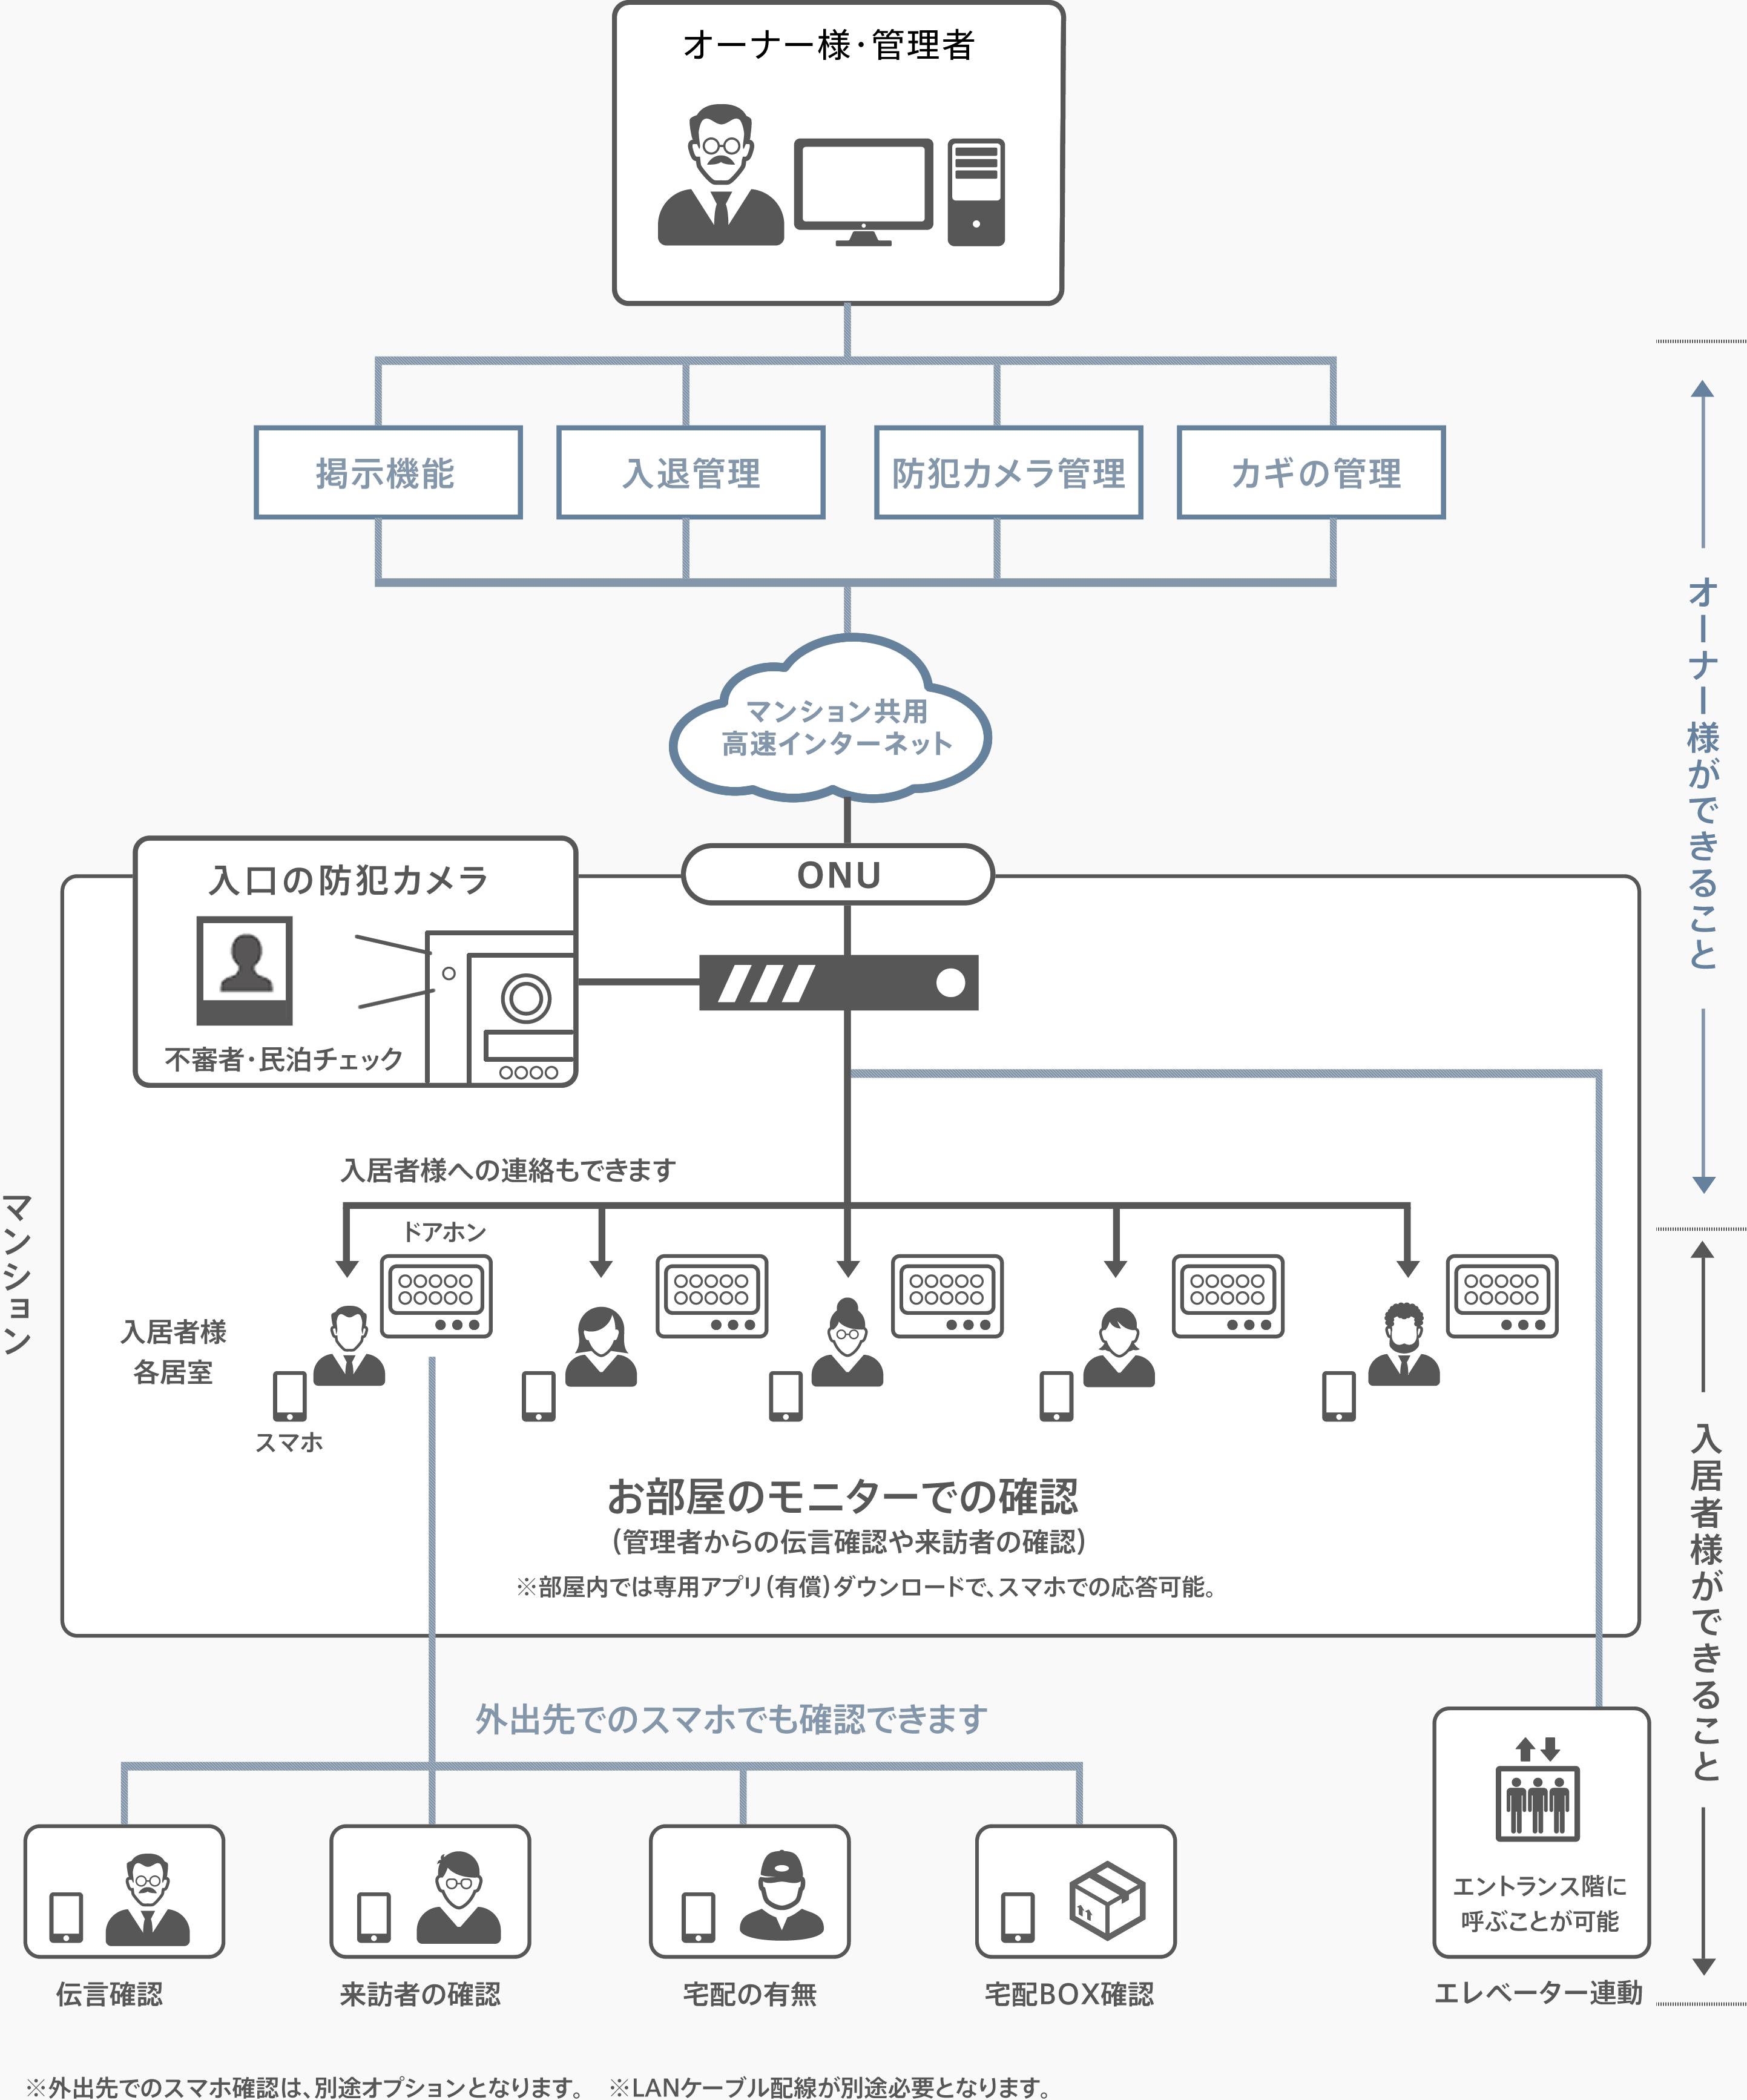 Amroad スマートインターホンのシステム構成図